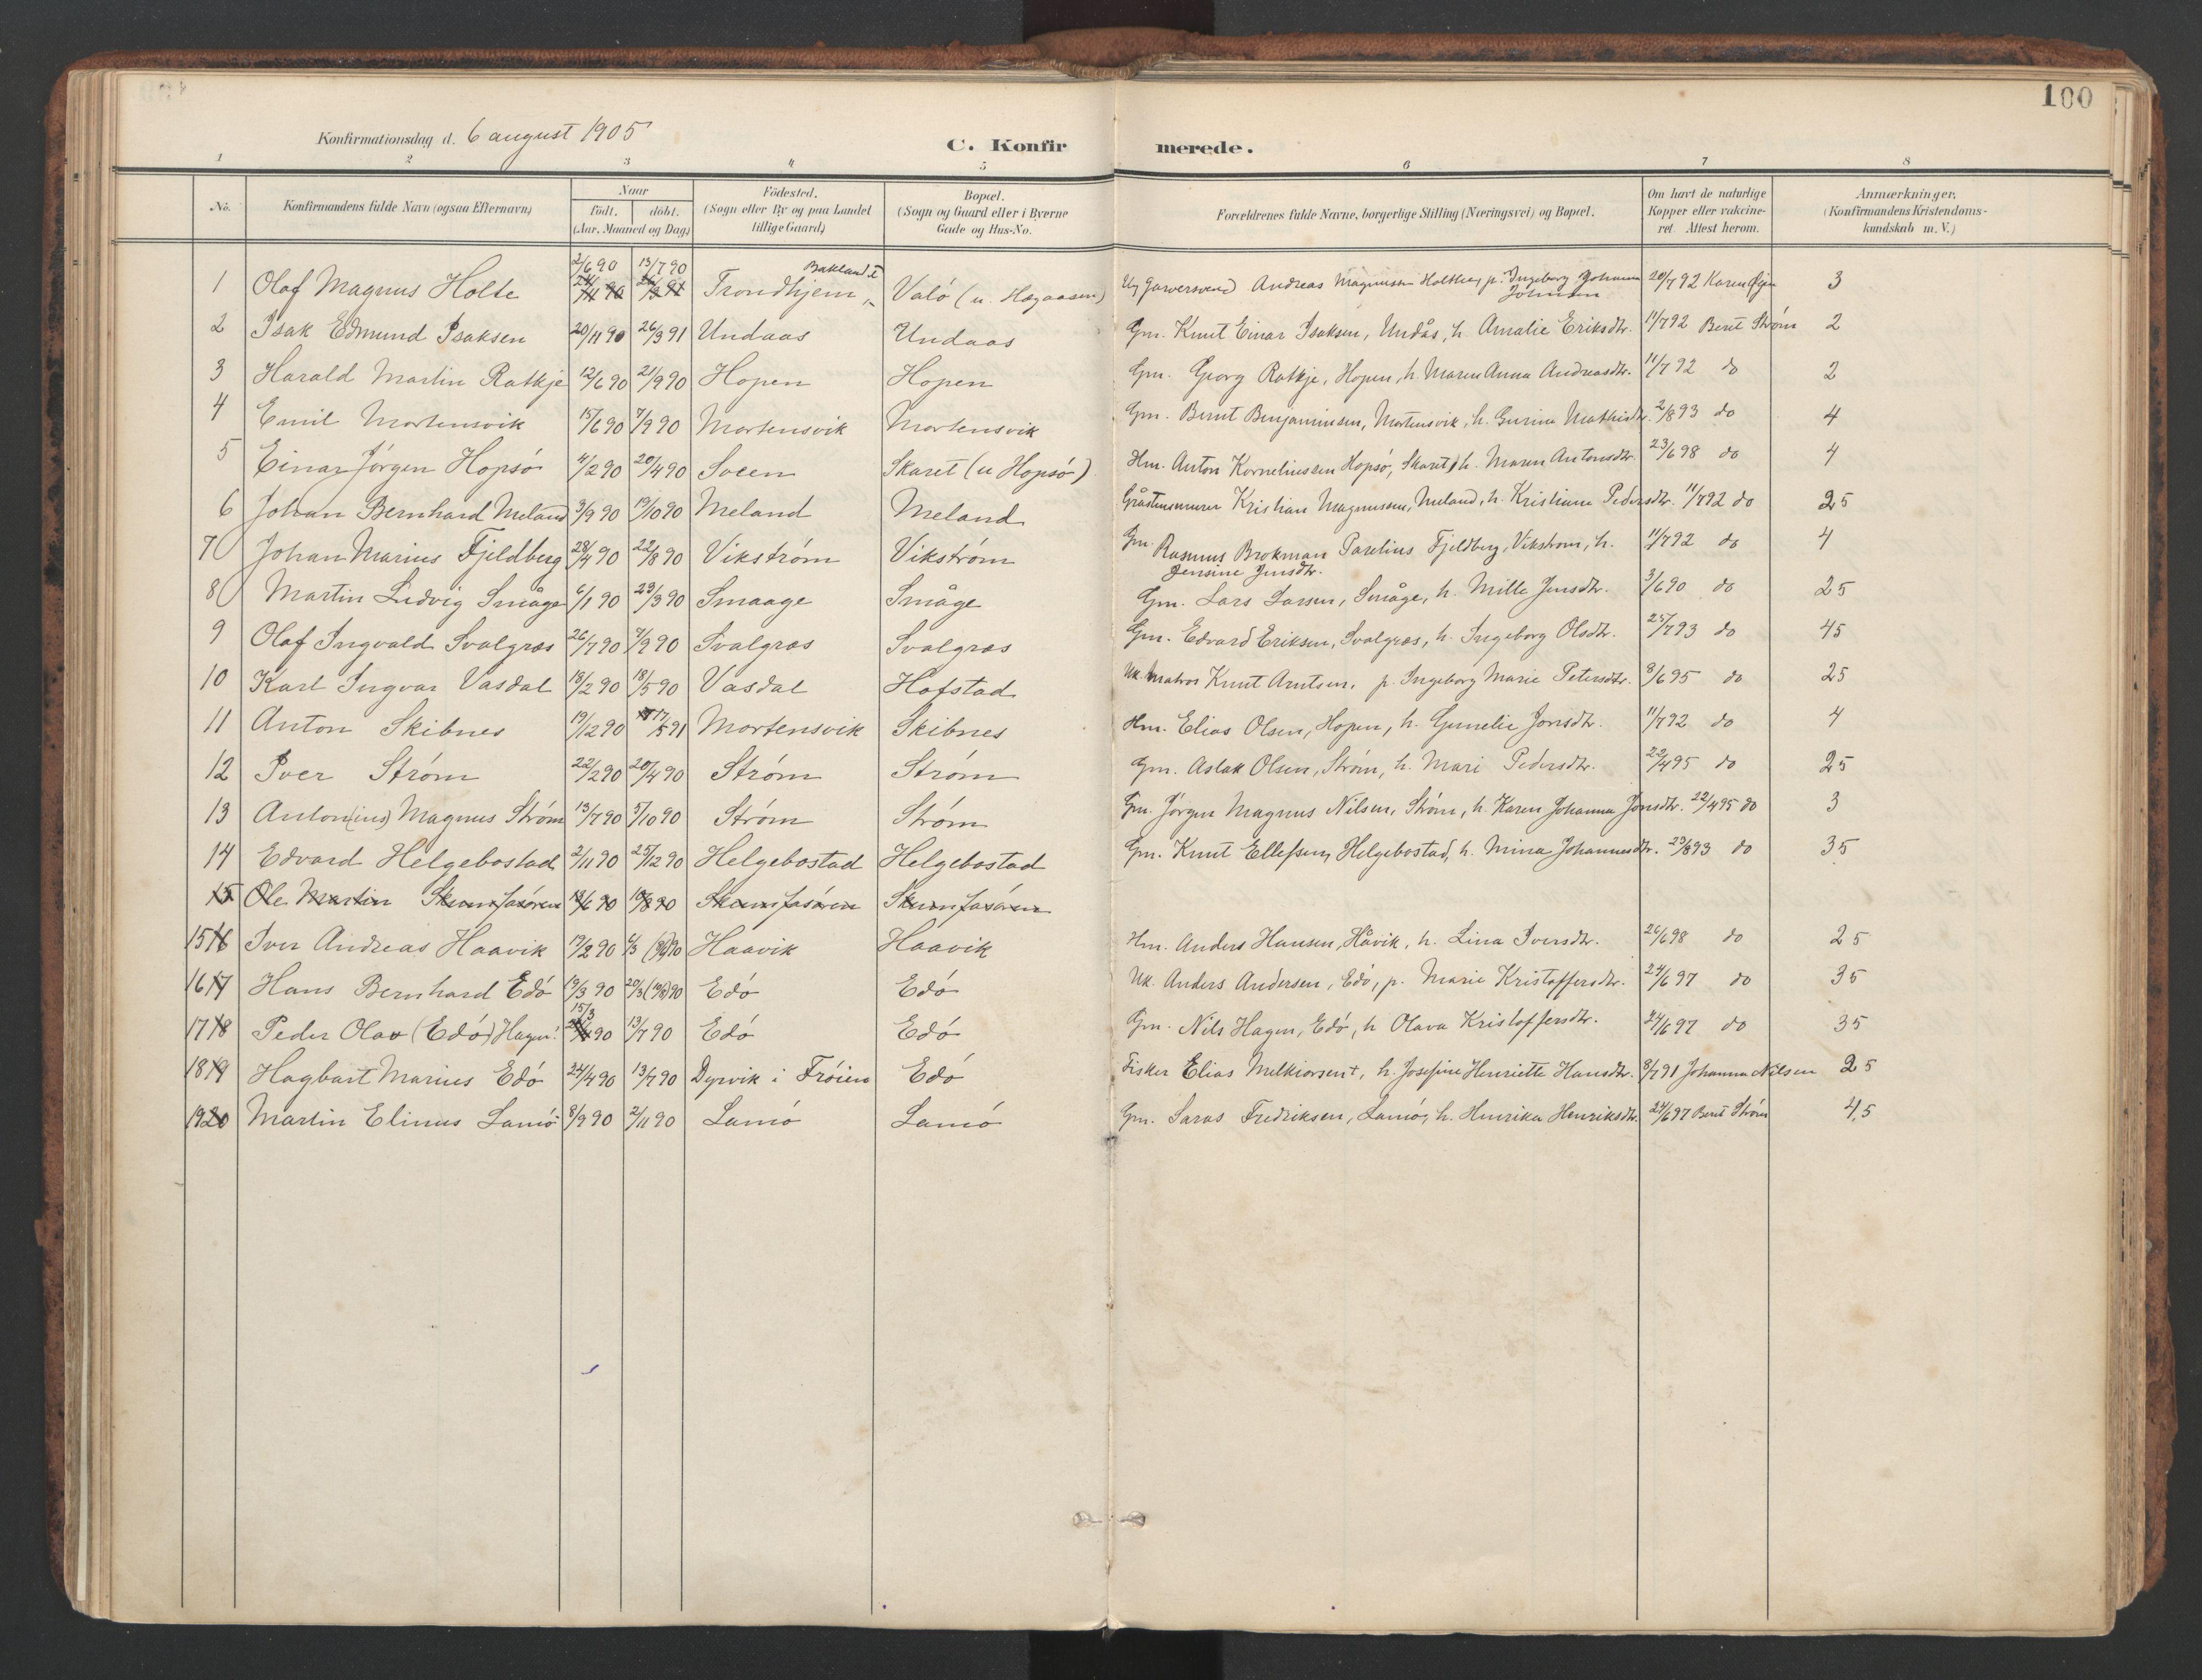 SAT, Ministerialprotokoller, klokkerbøker og fødselsregistre - Sør-Trøndelag, 634/L0537: Ministerialbok nr. 634A13, 1896-1922, s. 100